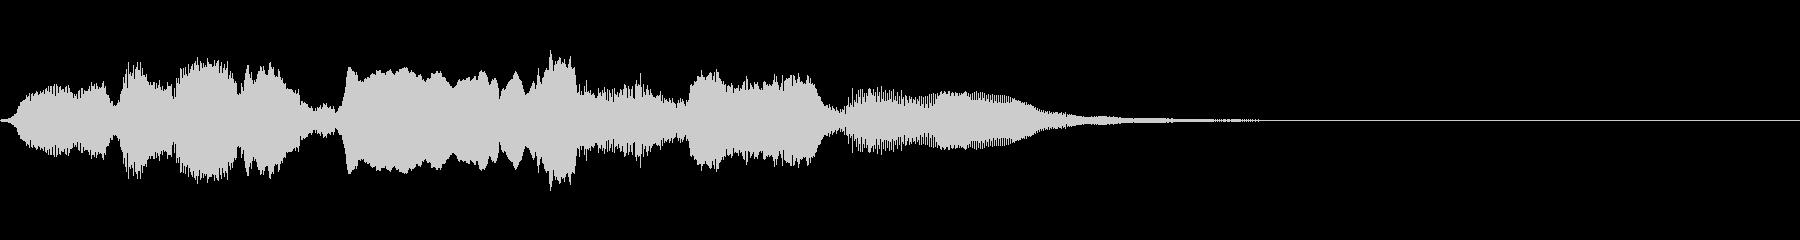 セクシーなサックス音の未再生の波形